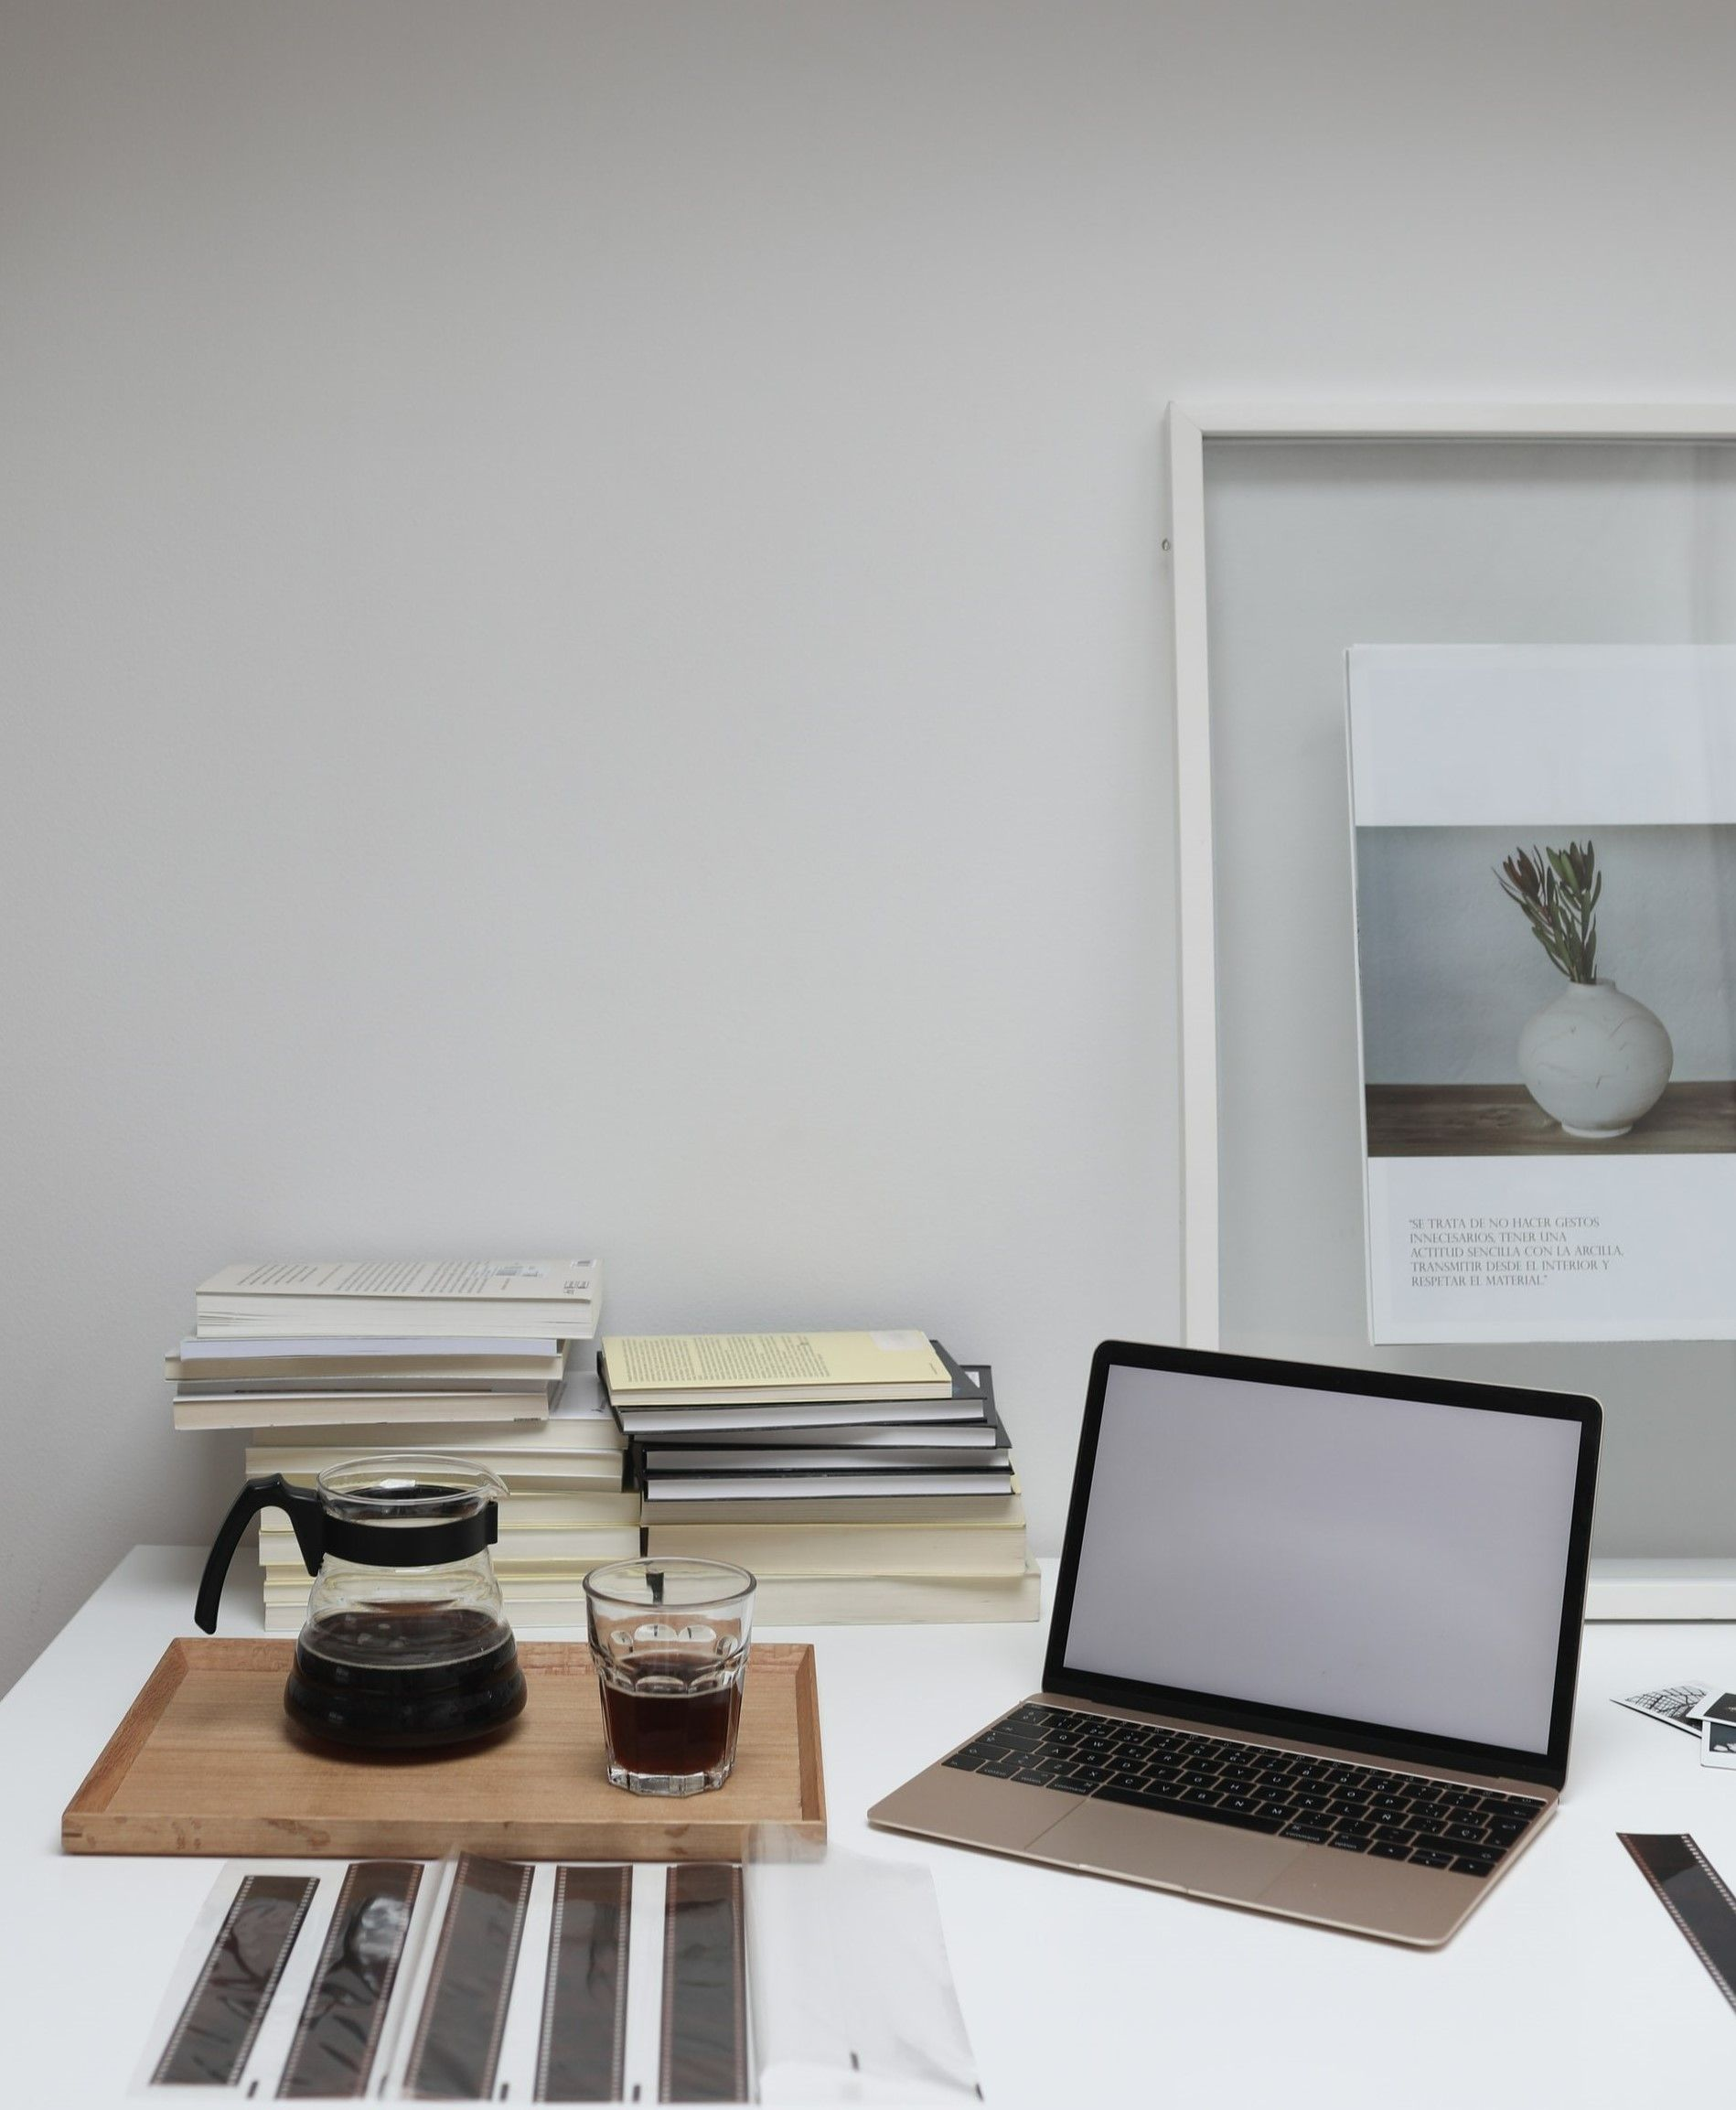 На фото офис со столом на котором лежит ноутбук, книги, документы и стакан с кофе